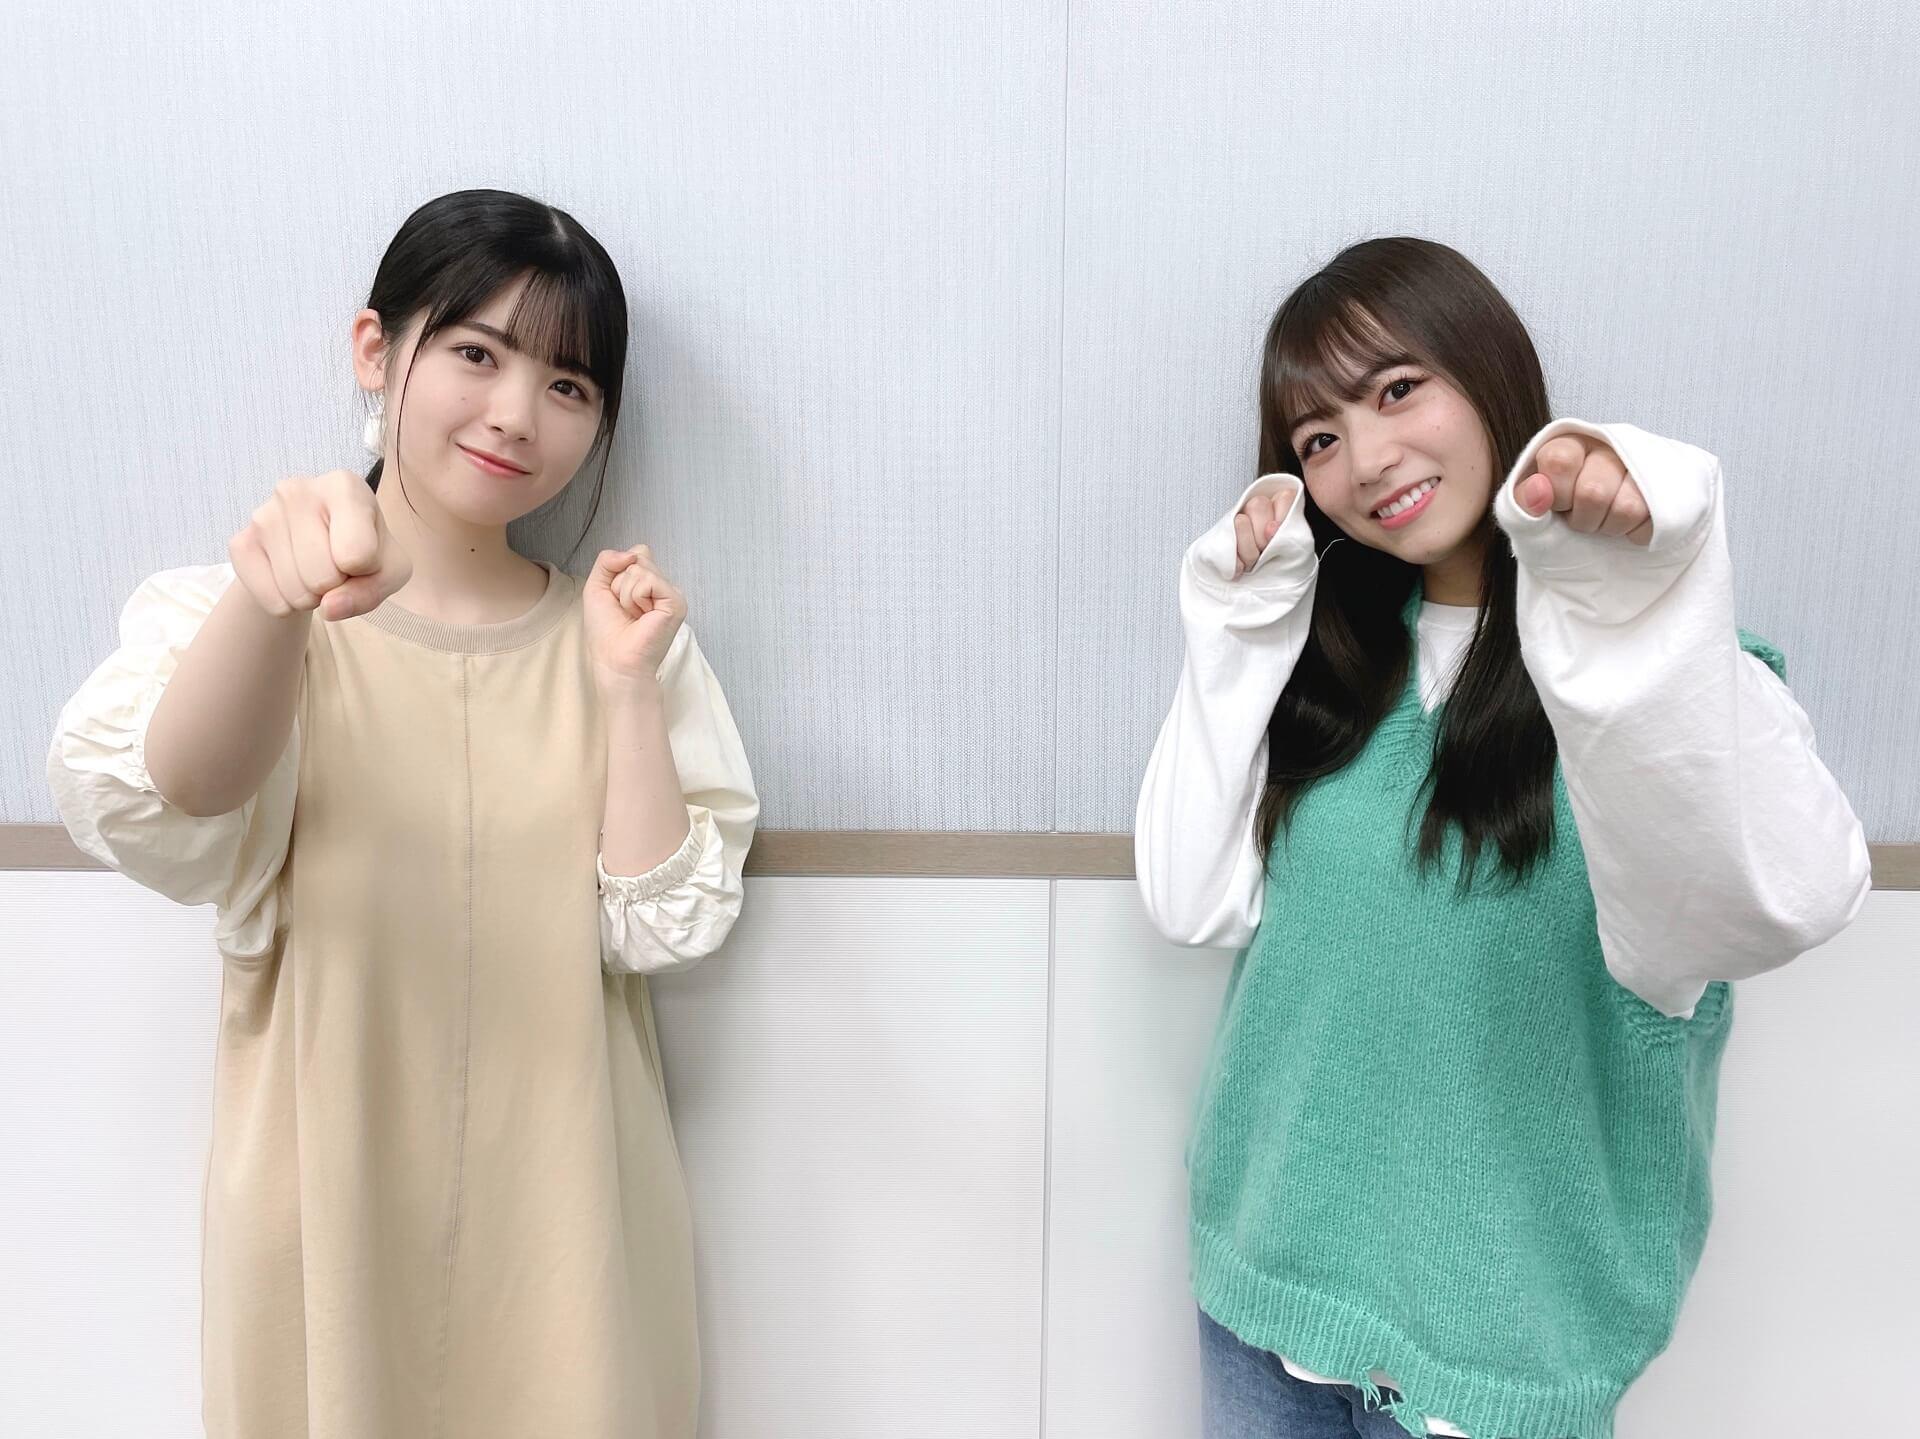 乃木坂46・北野日奈子がメンバーの卒業に対する向き合い方を語る